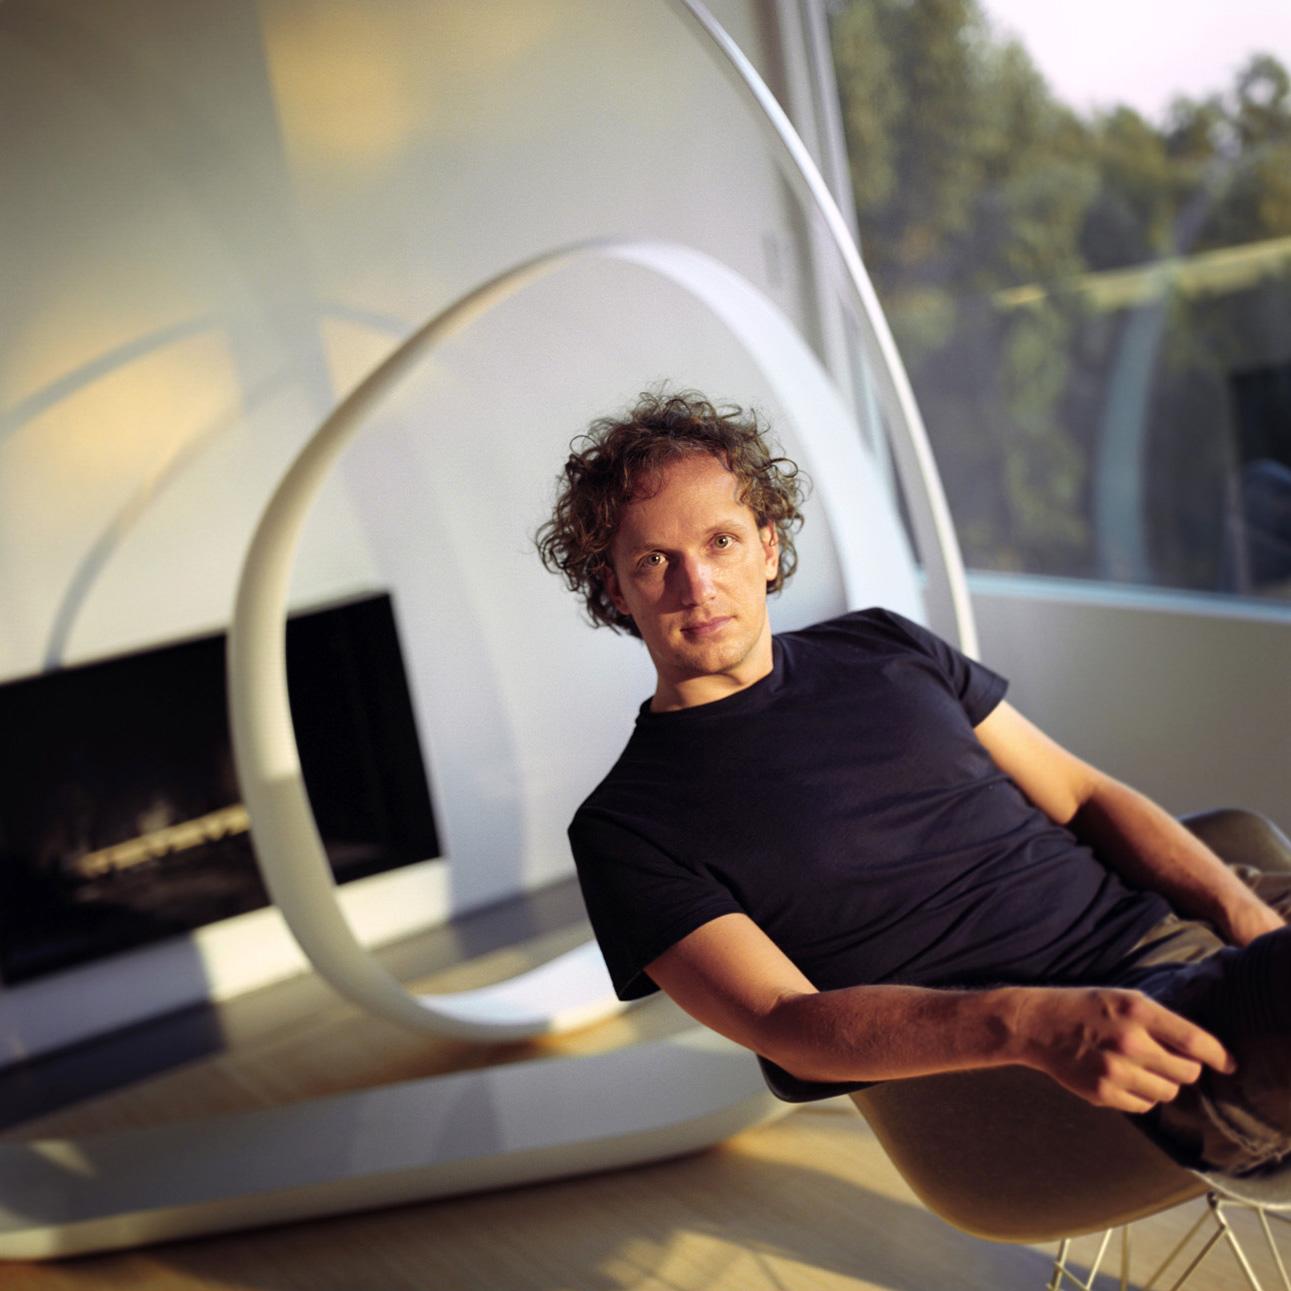 Yves Béhar, for Stern, 2001